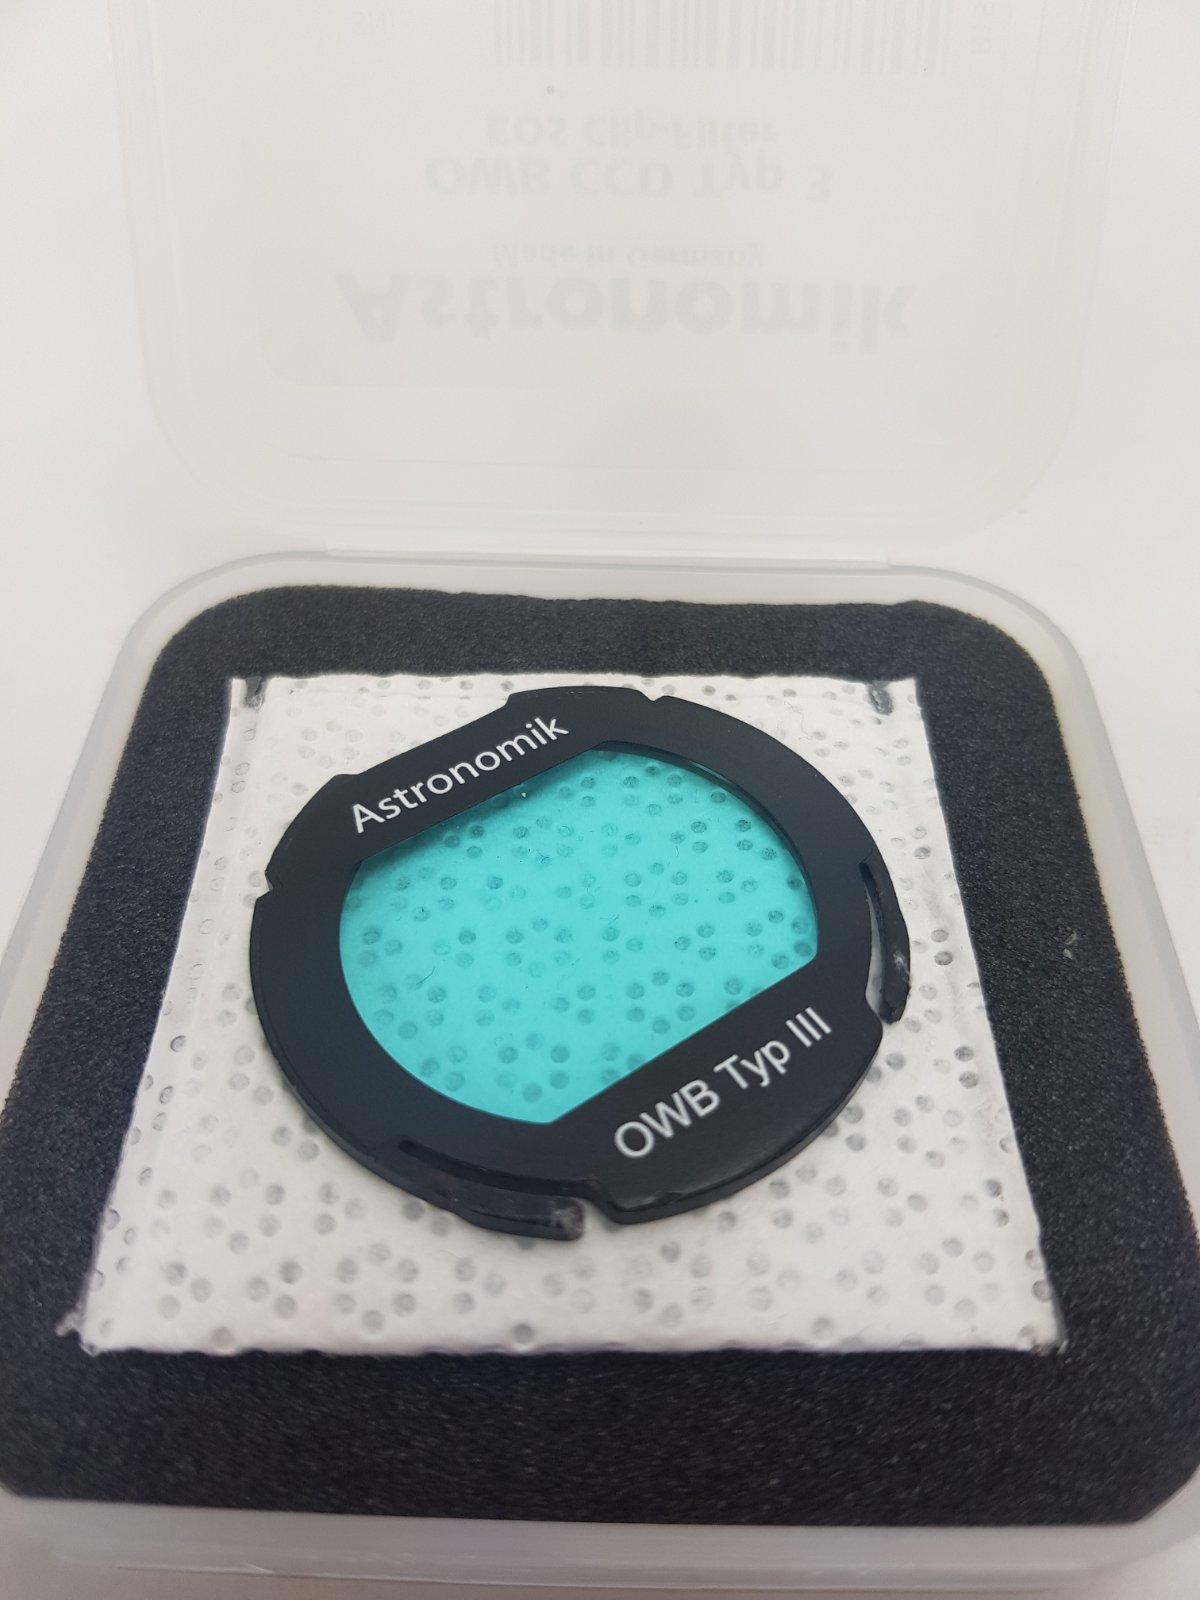 Astronomik OWB - Terrestrial Clip Filter for Canon EOS APS C sensor cameras - Usato, condizioni pari al nuovo